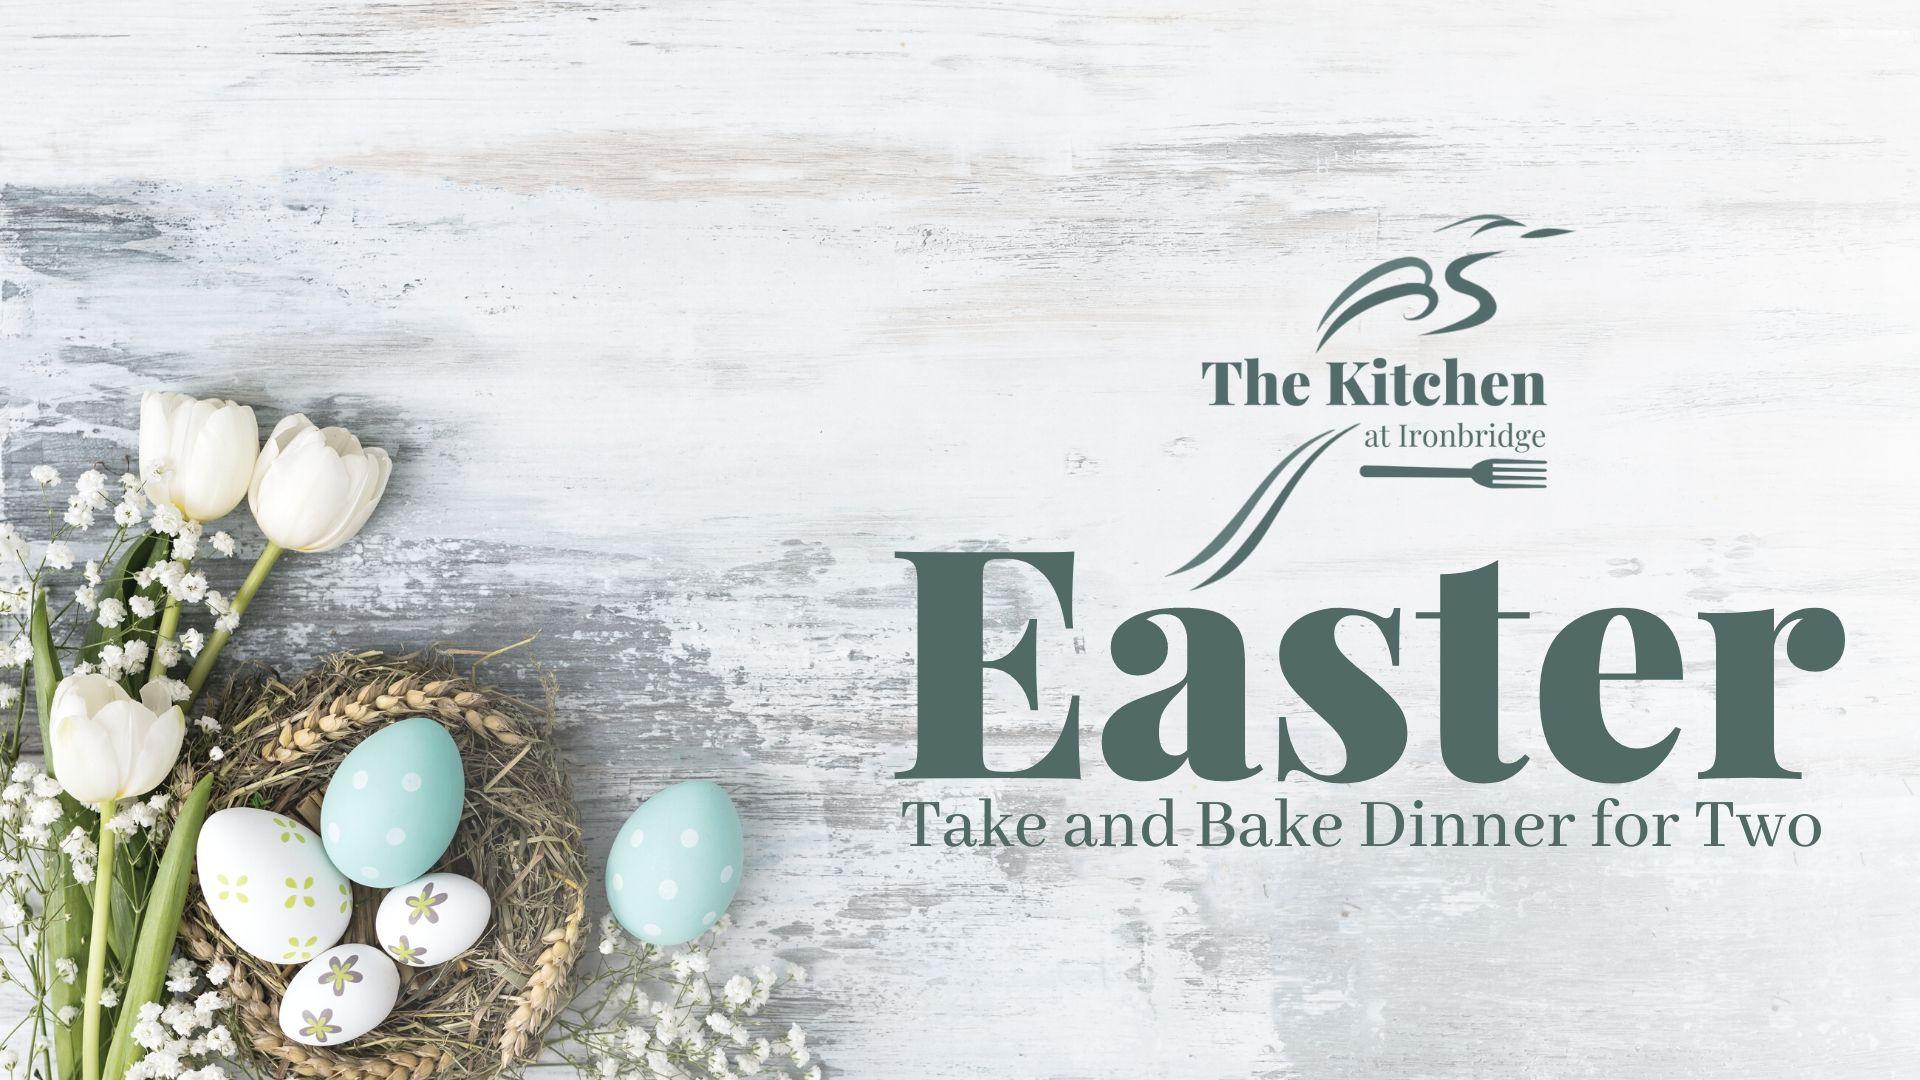 Easter Sunday Take & Bake Dinner for Two